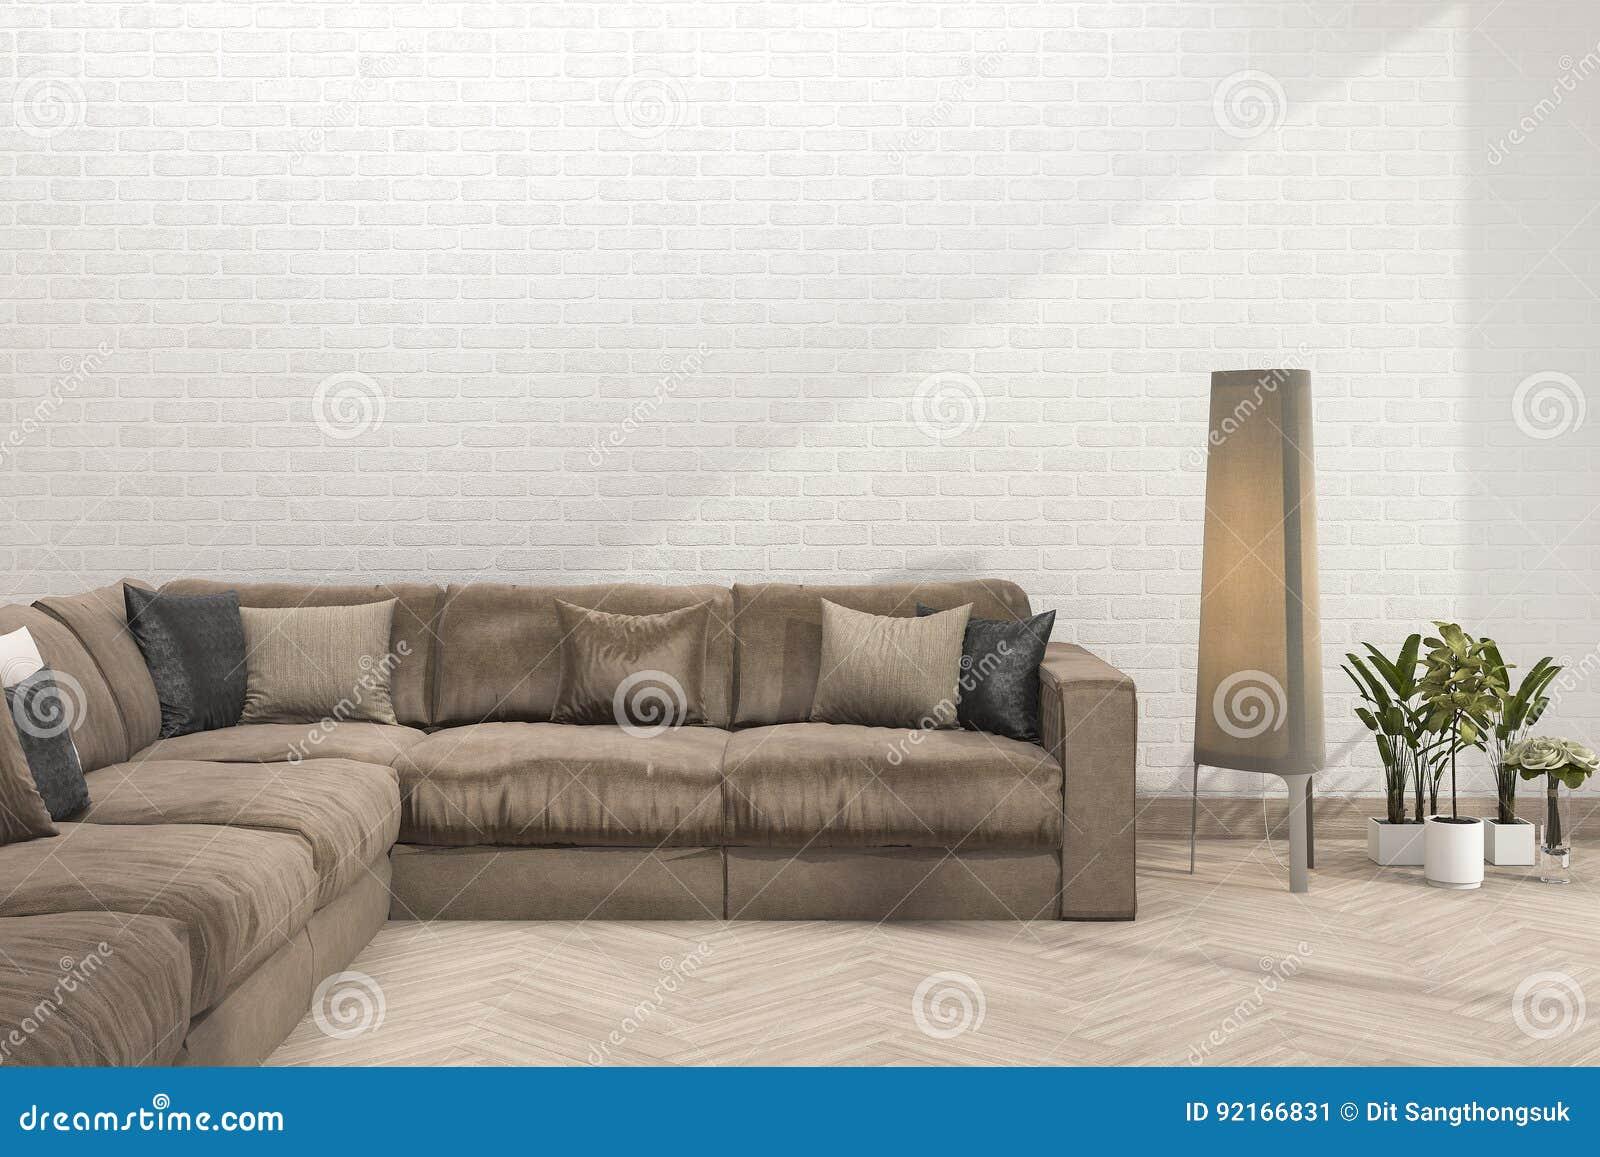 3d Das Retro Braunes Sofa Im Minimalen Wohnzimmer Mit